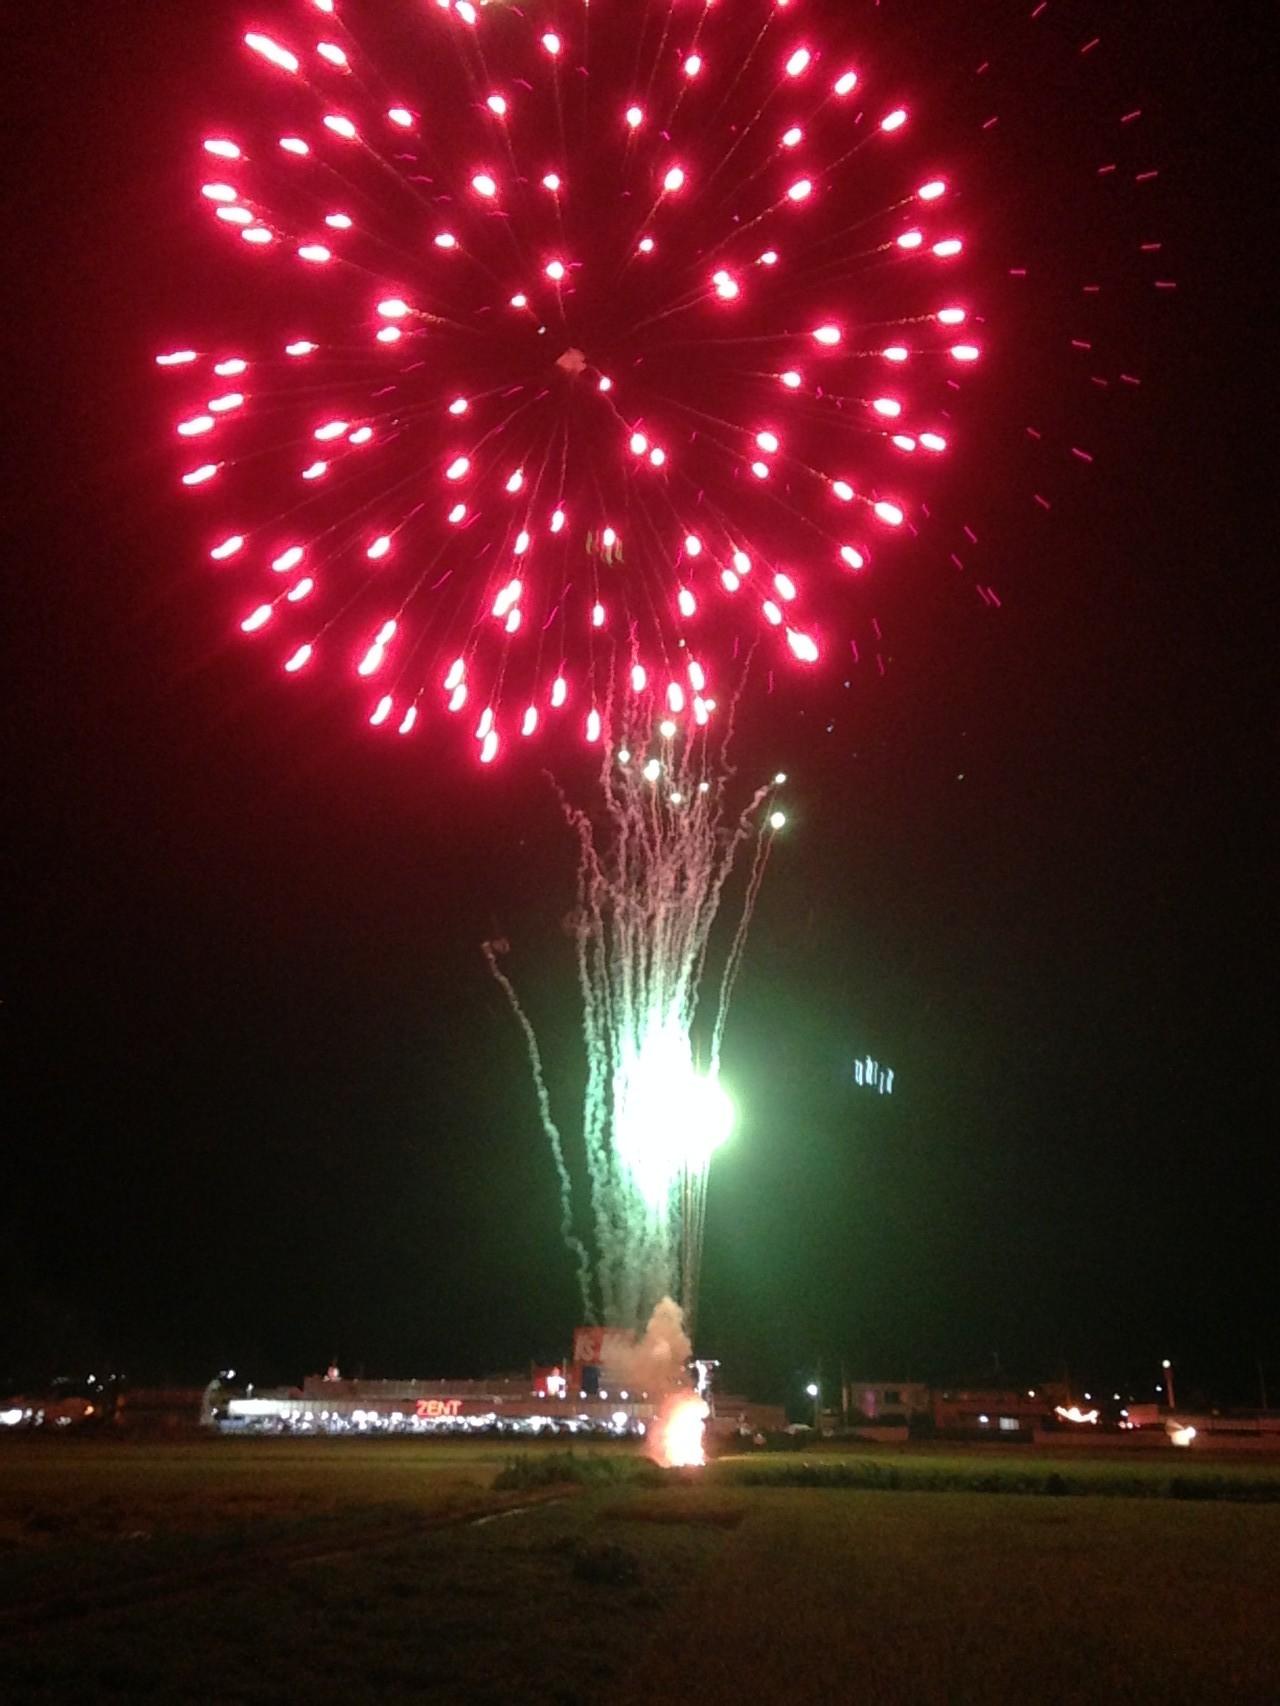 ハリカの夏祭りに出かけ、夏の夜空に広がるたくさんの花火を見に行きました